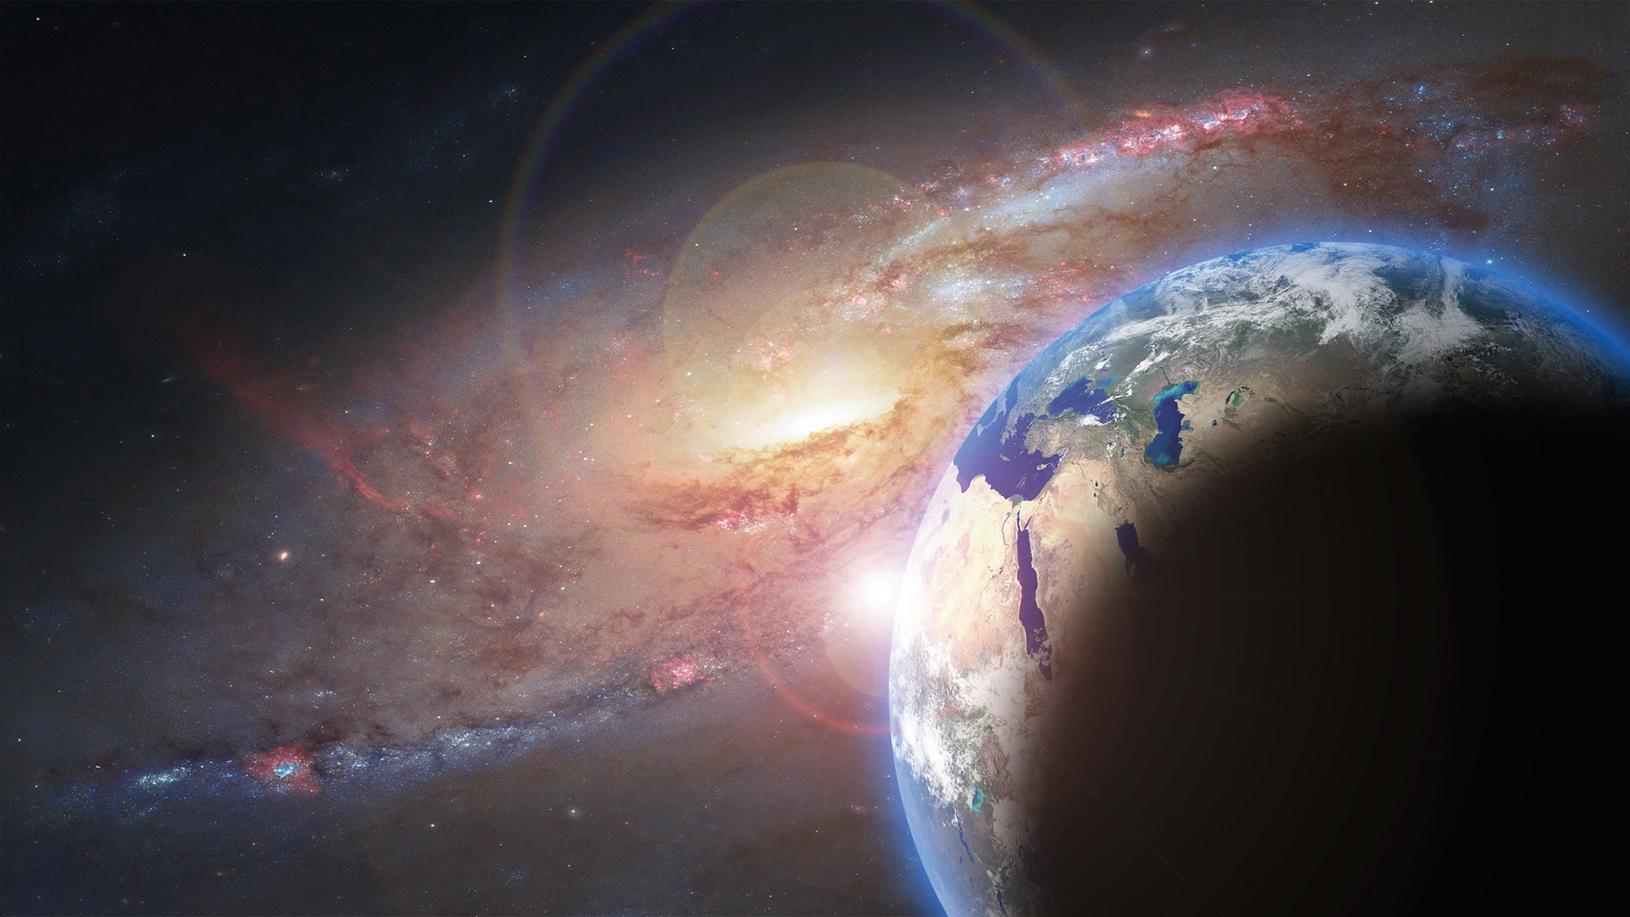 科學家知道太陽系存在一個類似大氣泡的結構,保護著地球和太陽系內其它星體免受外來的強烈星際射線的侵襲。但人類目前對其了解仍十分有限。(Creative Commons)